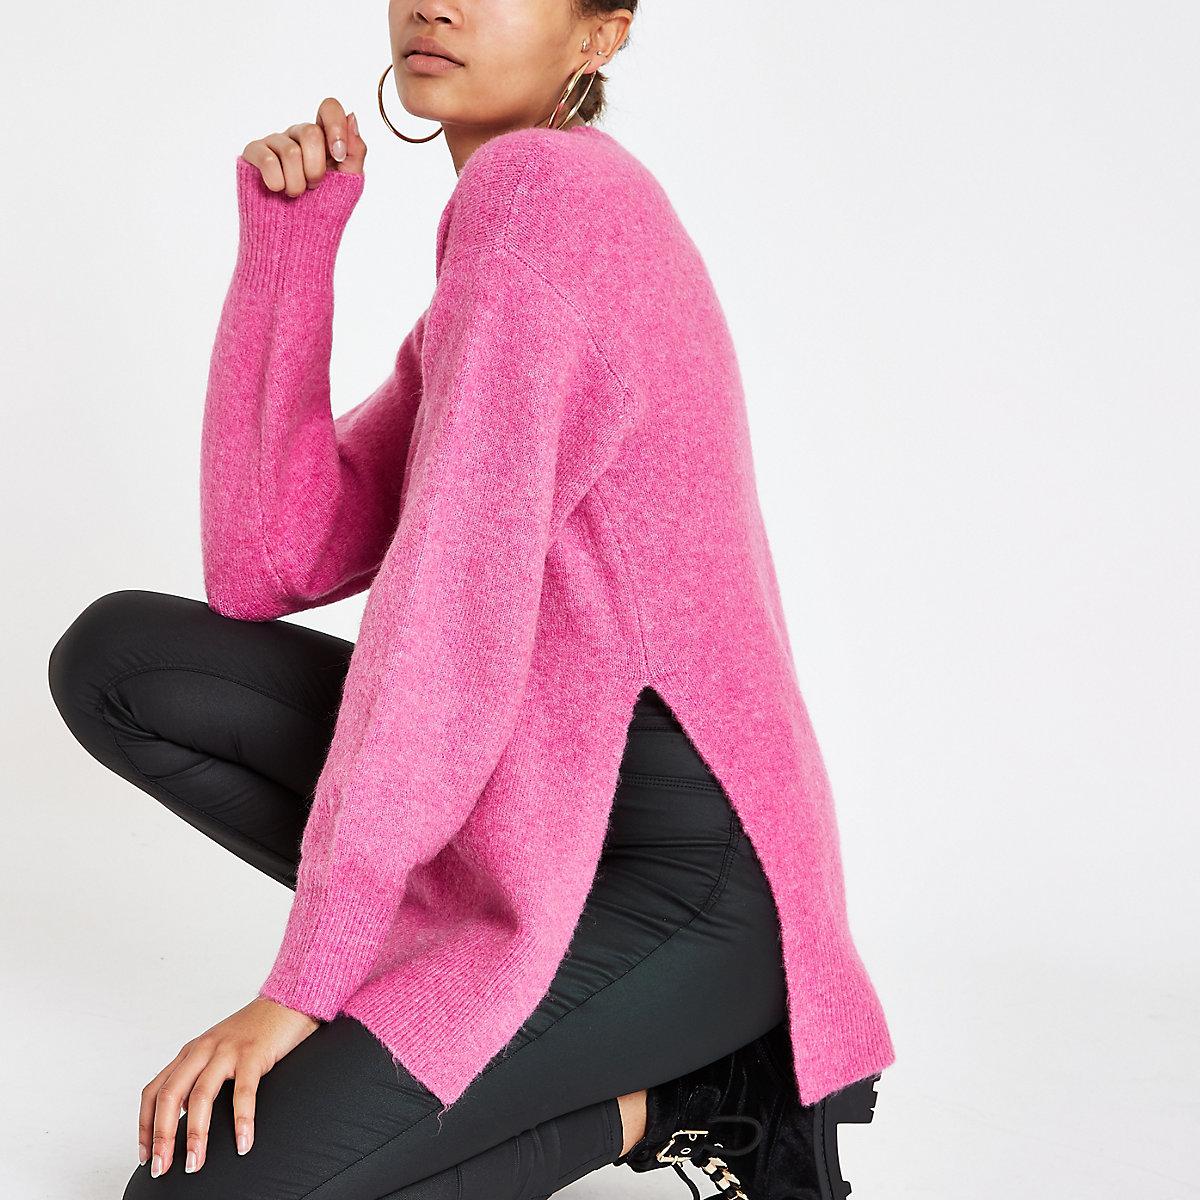 Pull en maille rose vif fendu sur le côté - Pulls - Maille - Femme 5a0c6e919bdc